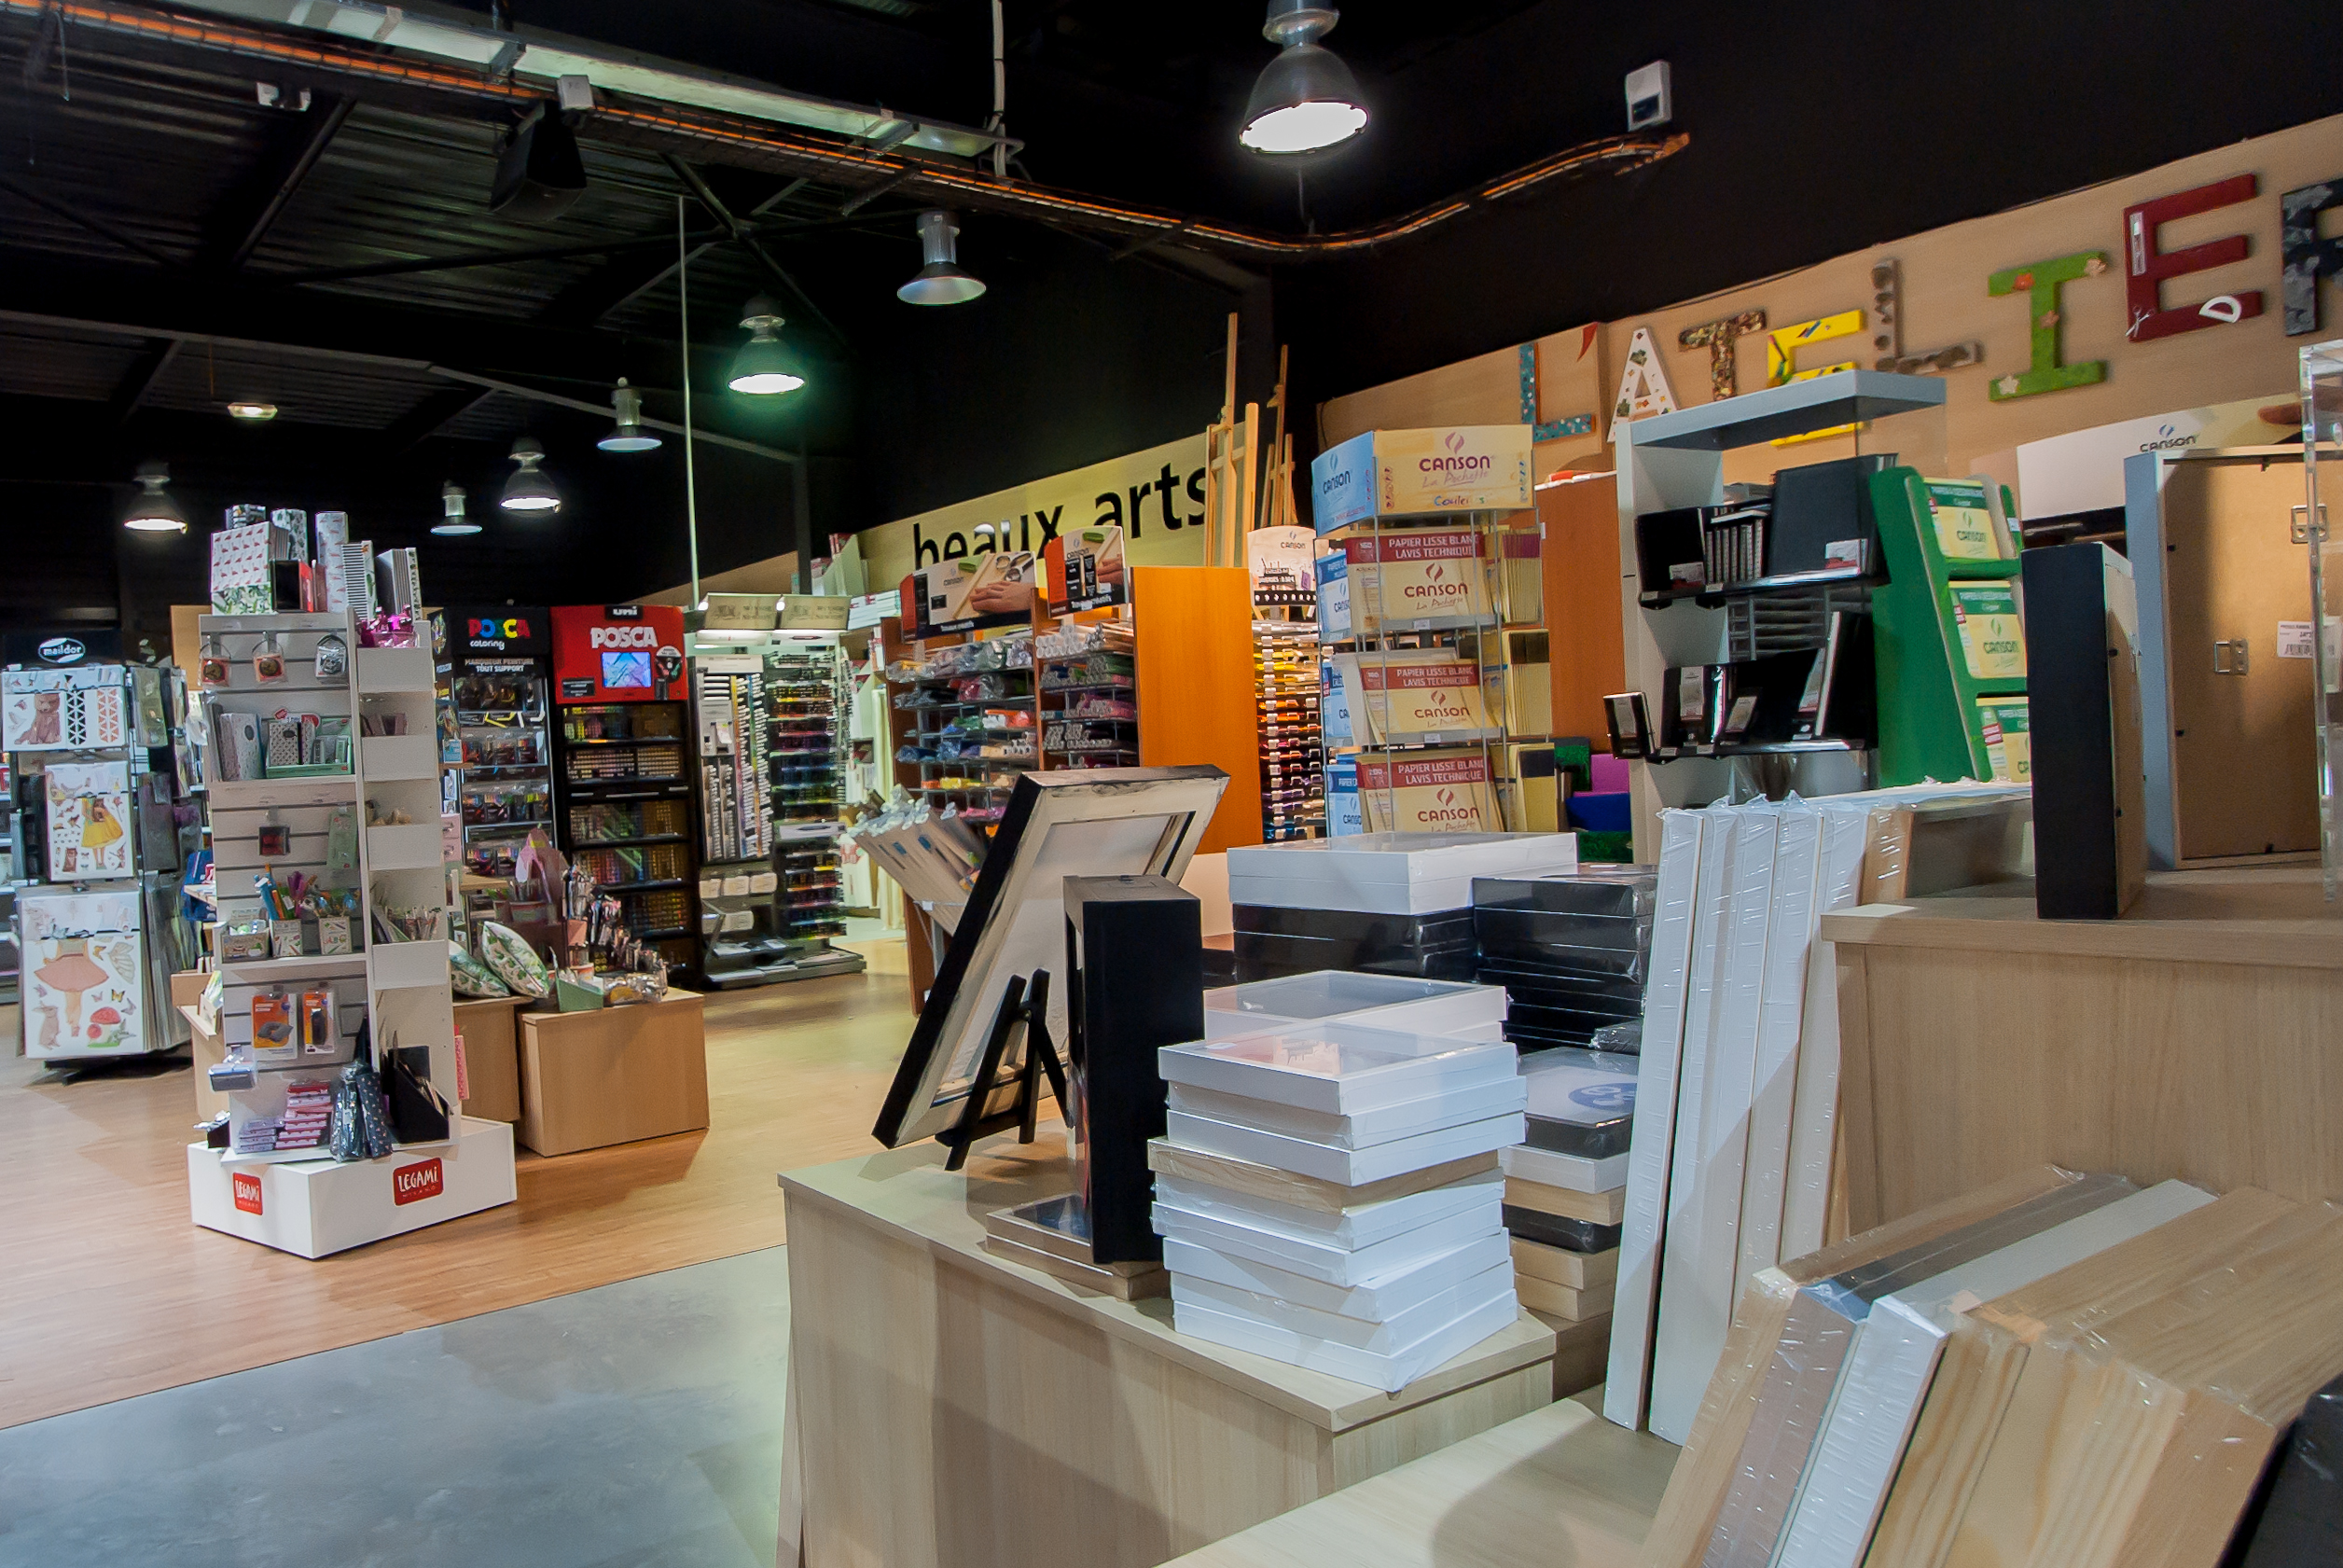 Color i magasins beaux arts loisirs cr atifs for Boutique loisirs creatifs paris